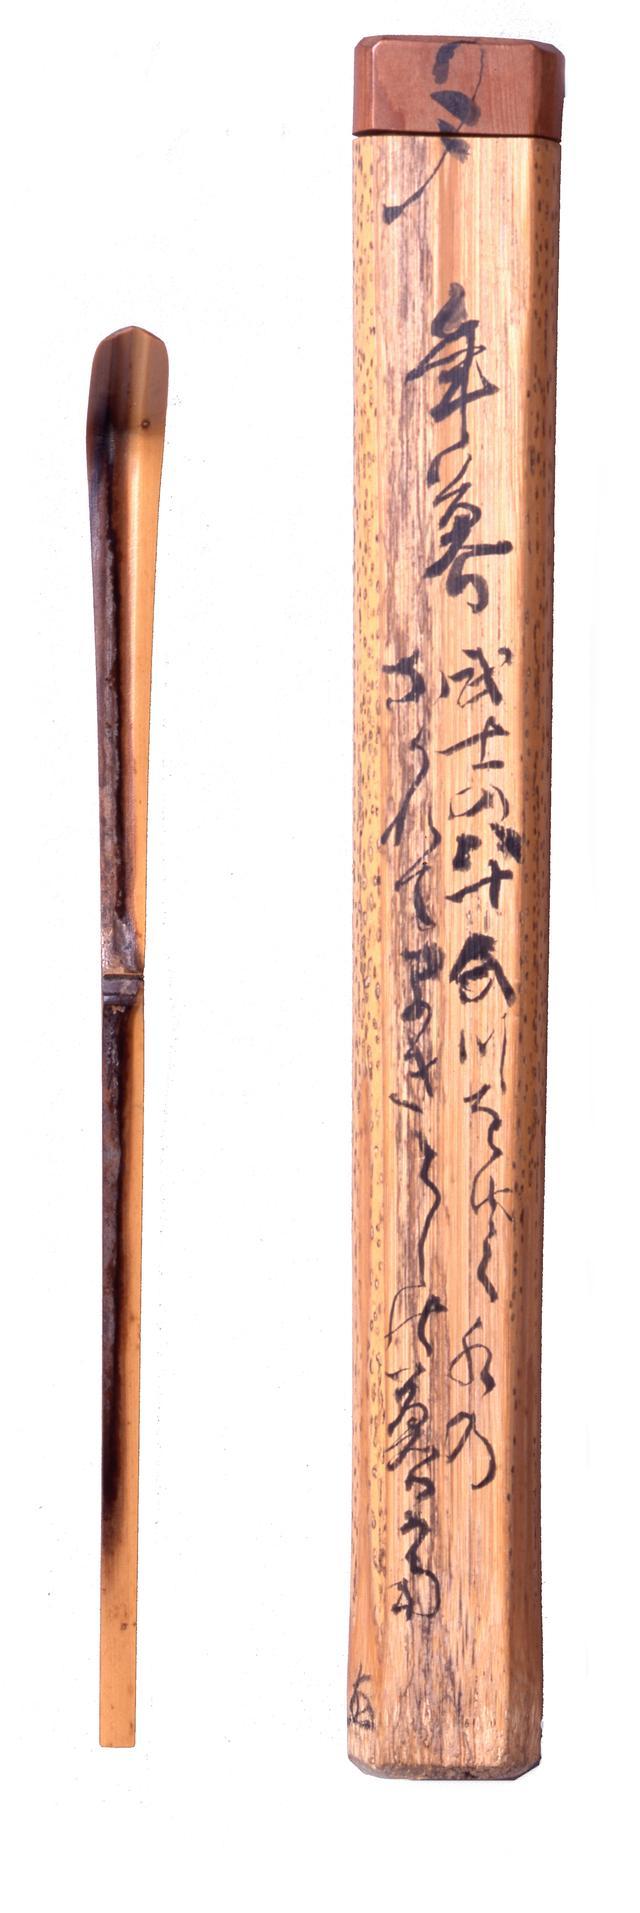 画像: 益田鈍翁作 茶杓 歌銘「年暮」 昭和13年(1938) 展示:全期間